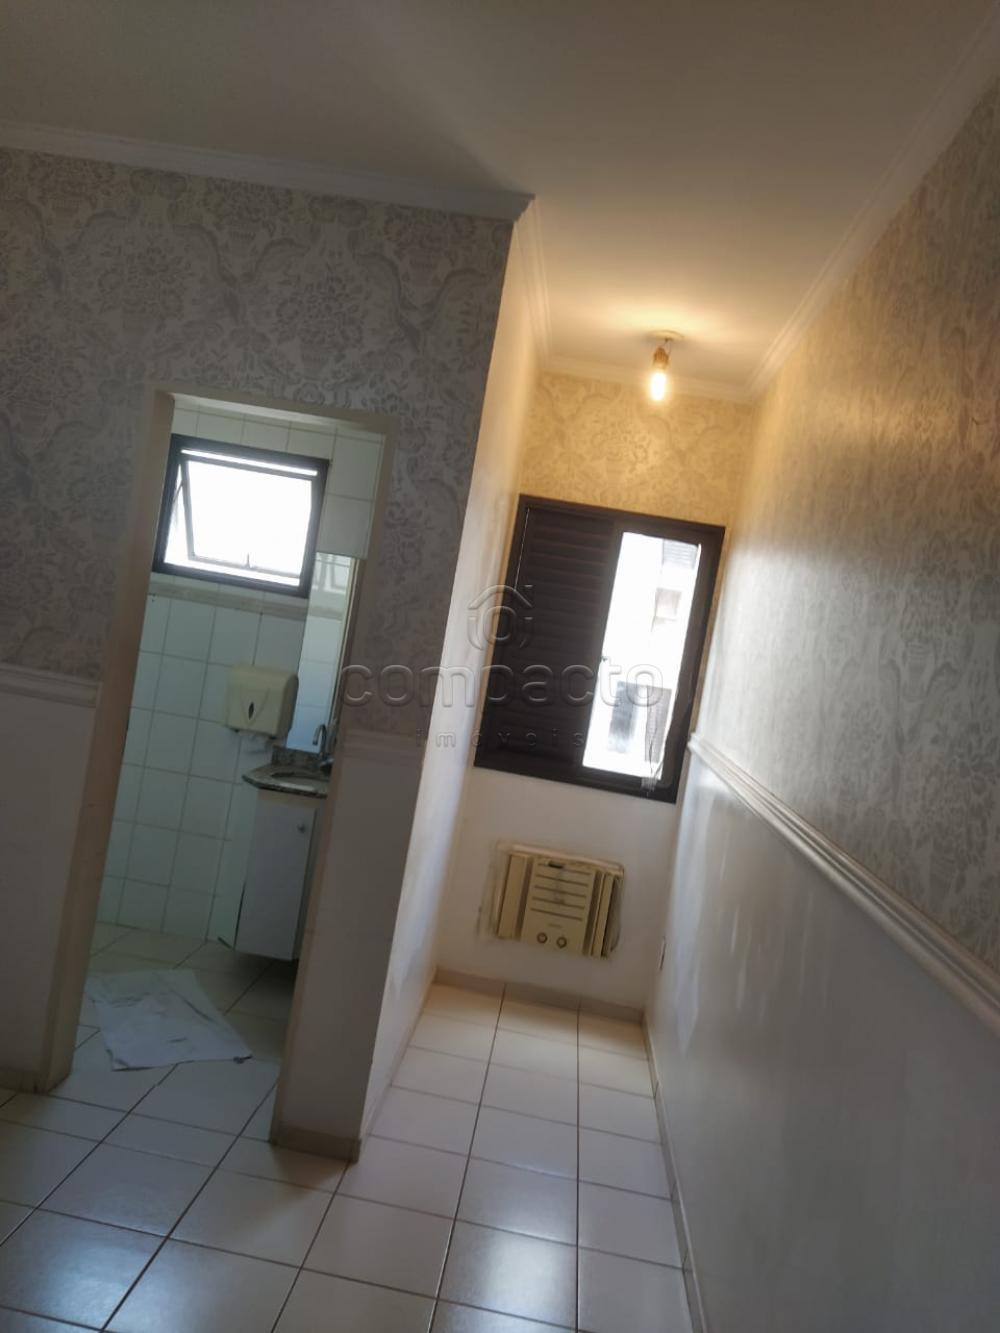 Comprar Apartamento / Padrão em São José do Rio Preto apenas R$ 250.000,00 - Foto 18